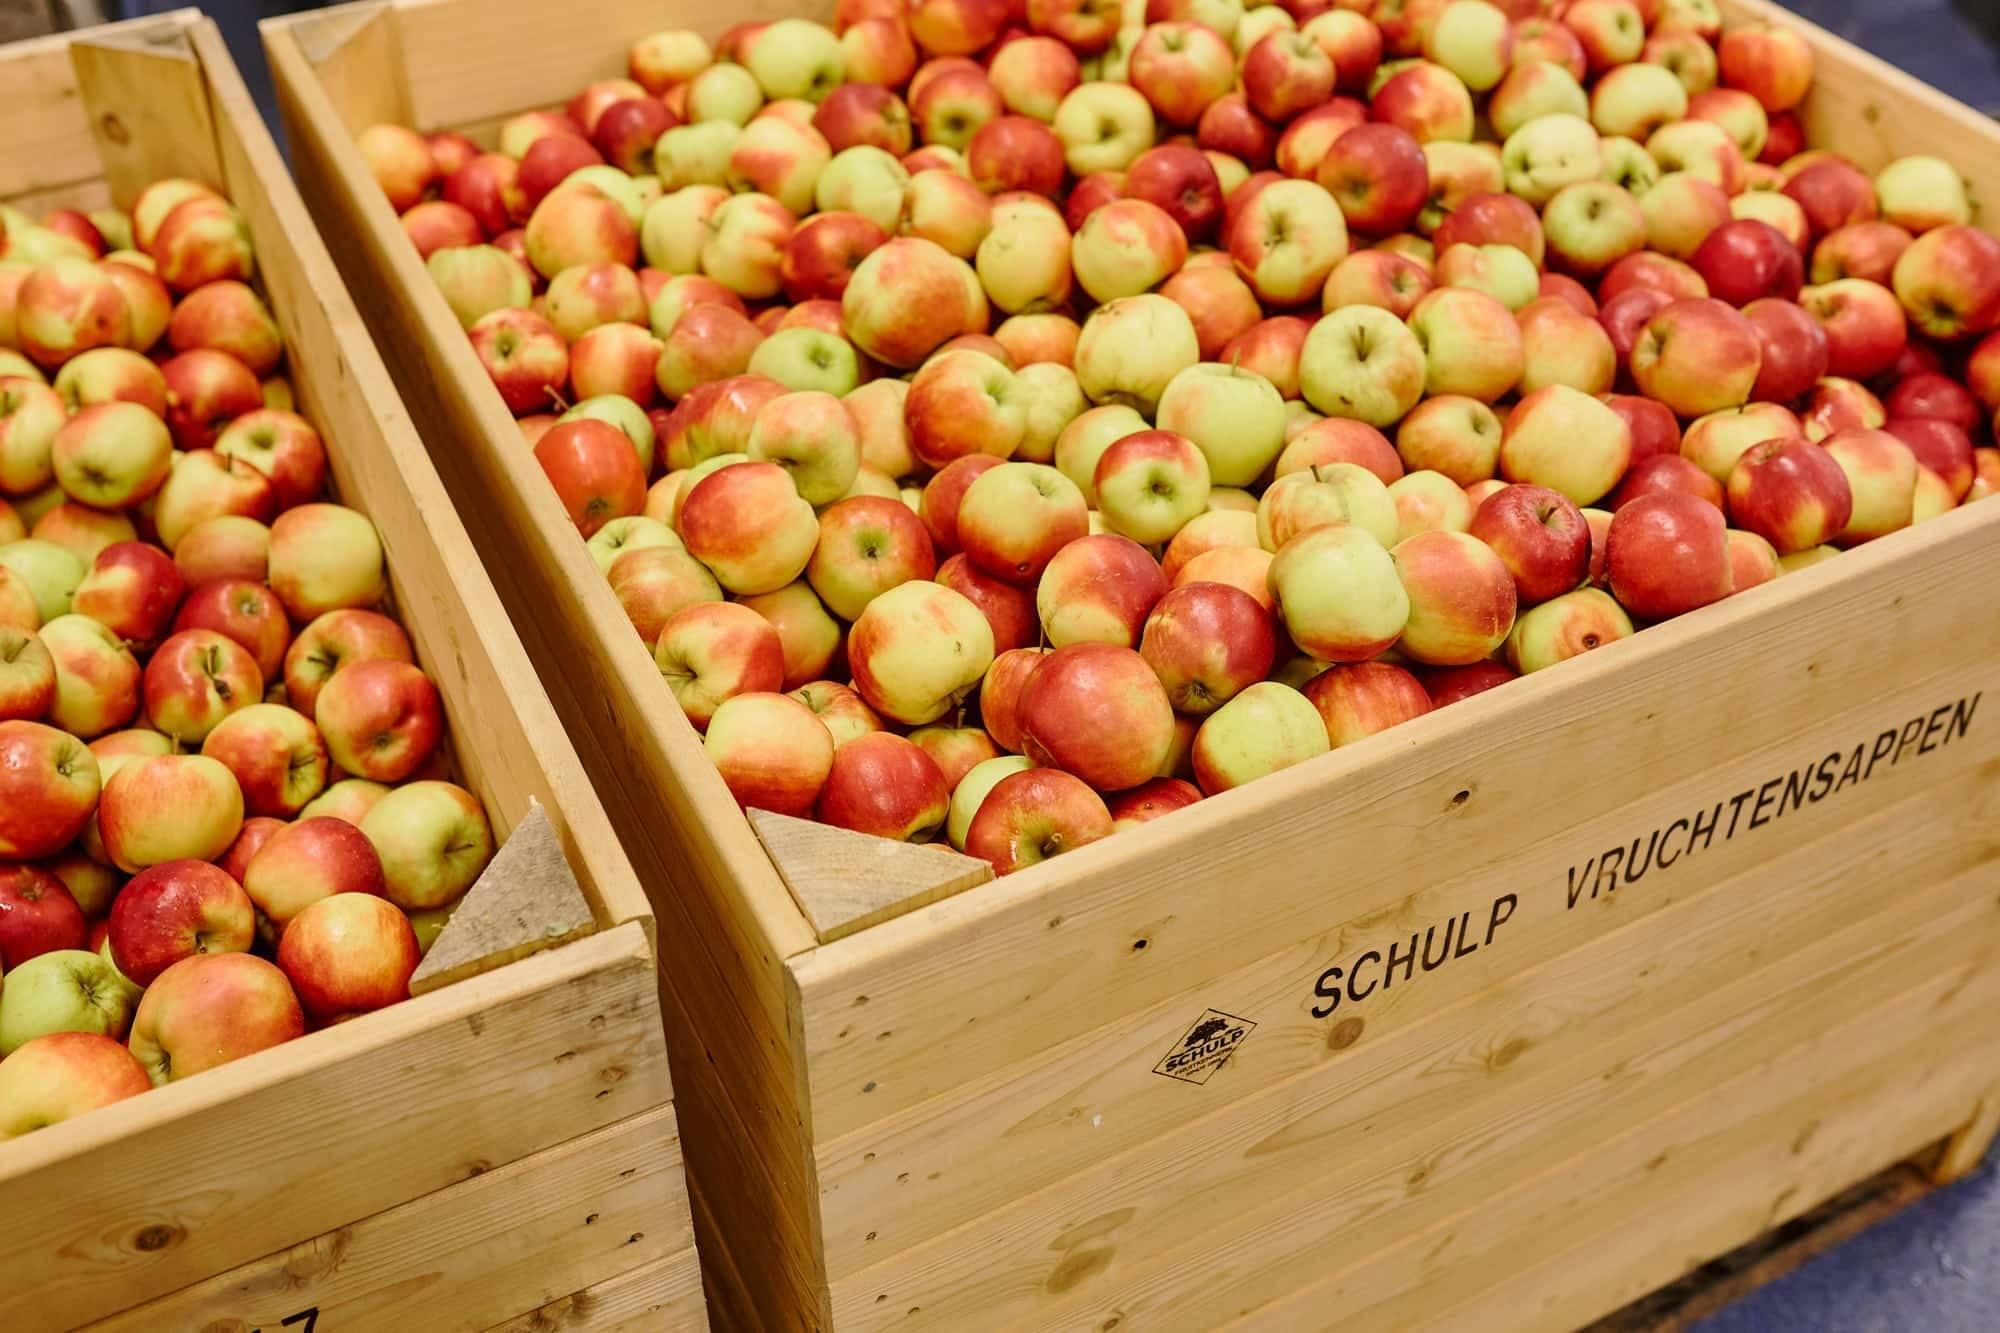 Schulp - Appels